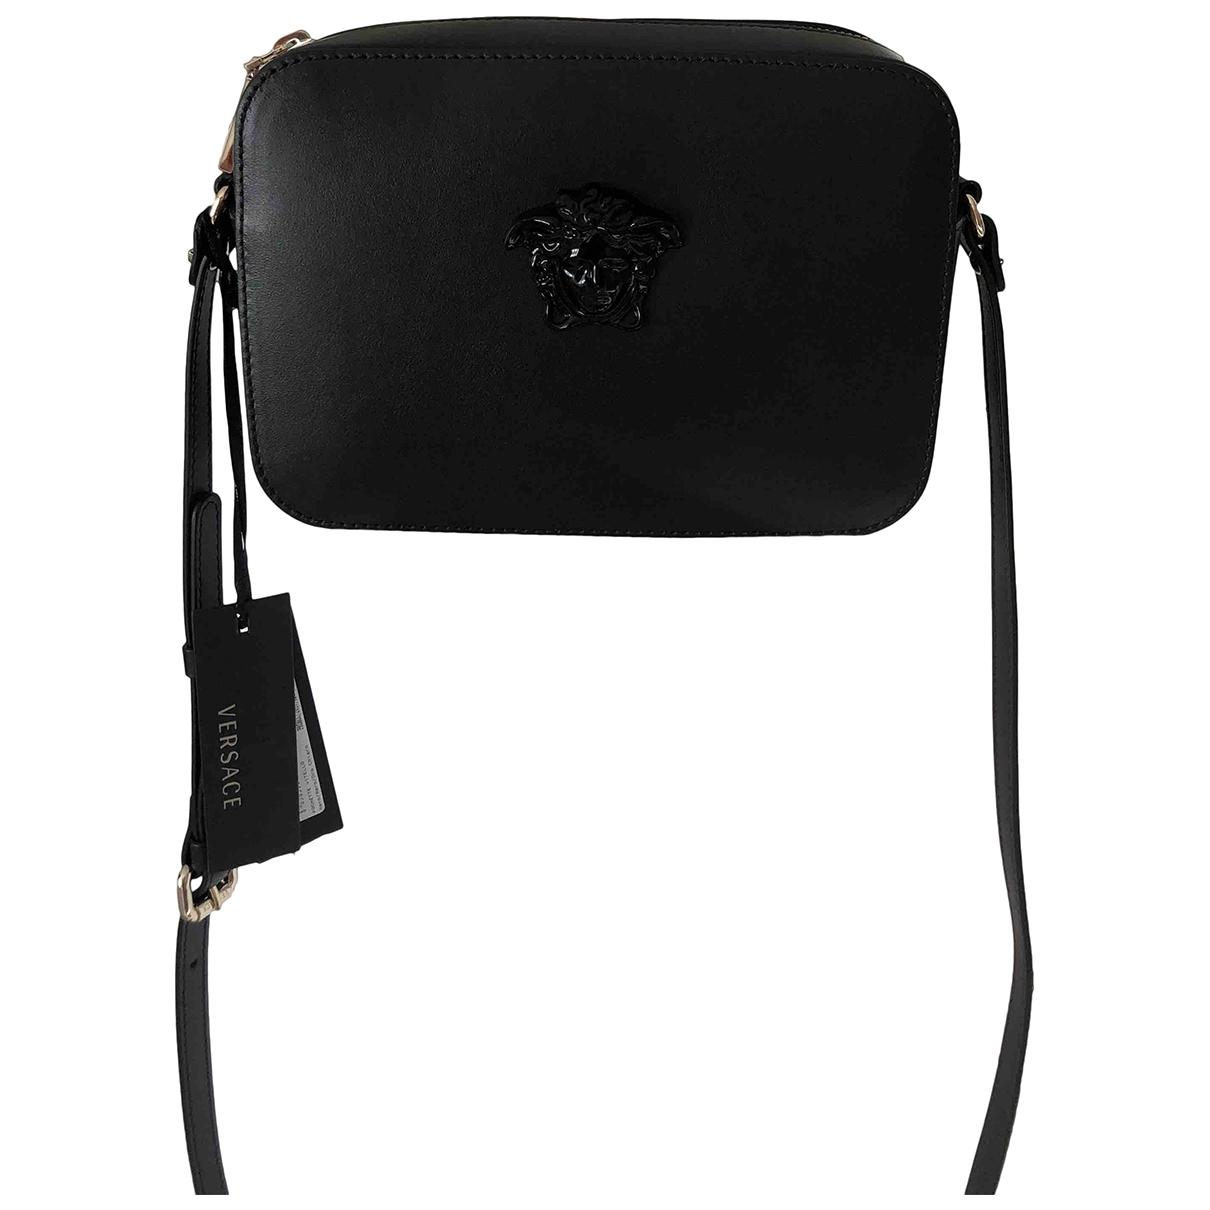 Bandolera de Cuero Gianni Versace